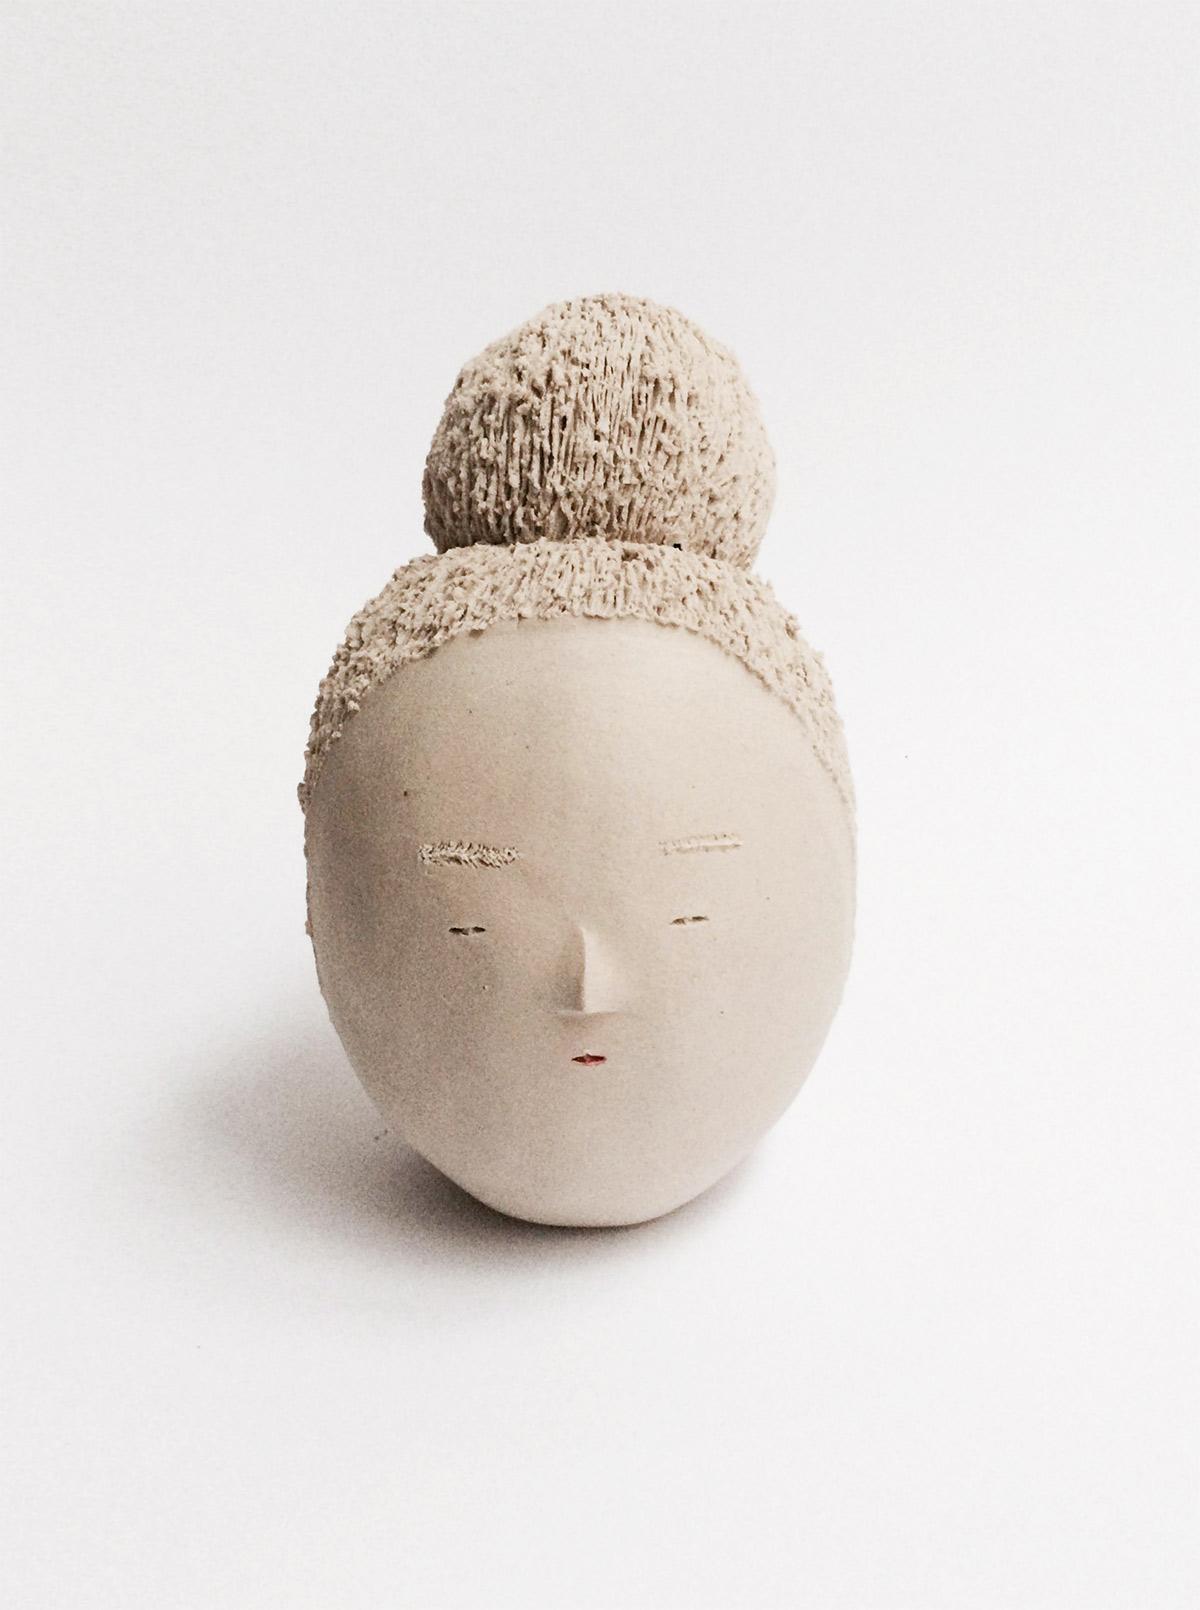 Miju Lee - artiste coréenne - ceramique